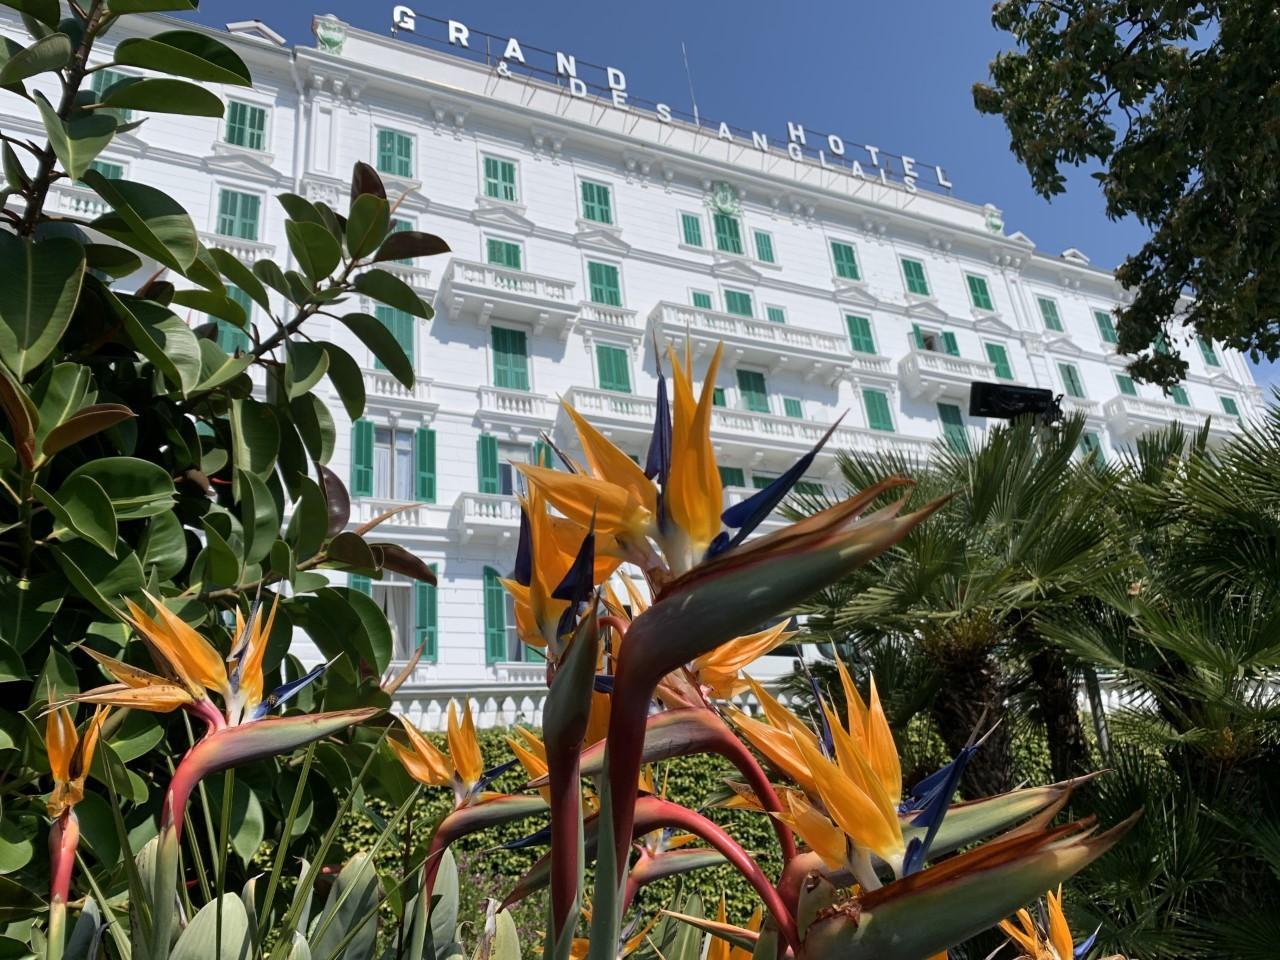 2 giorni e 1 notte Pernottamento x 2 persone in camera doppia vista mare in mezza pensione al Grand Hotel & Des Anglais a Sanremo!